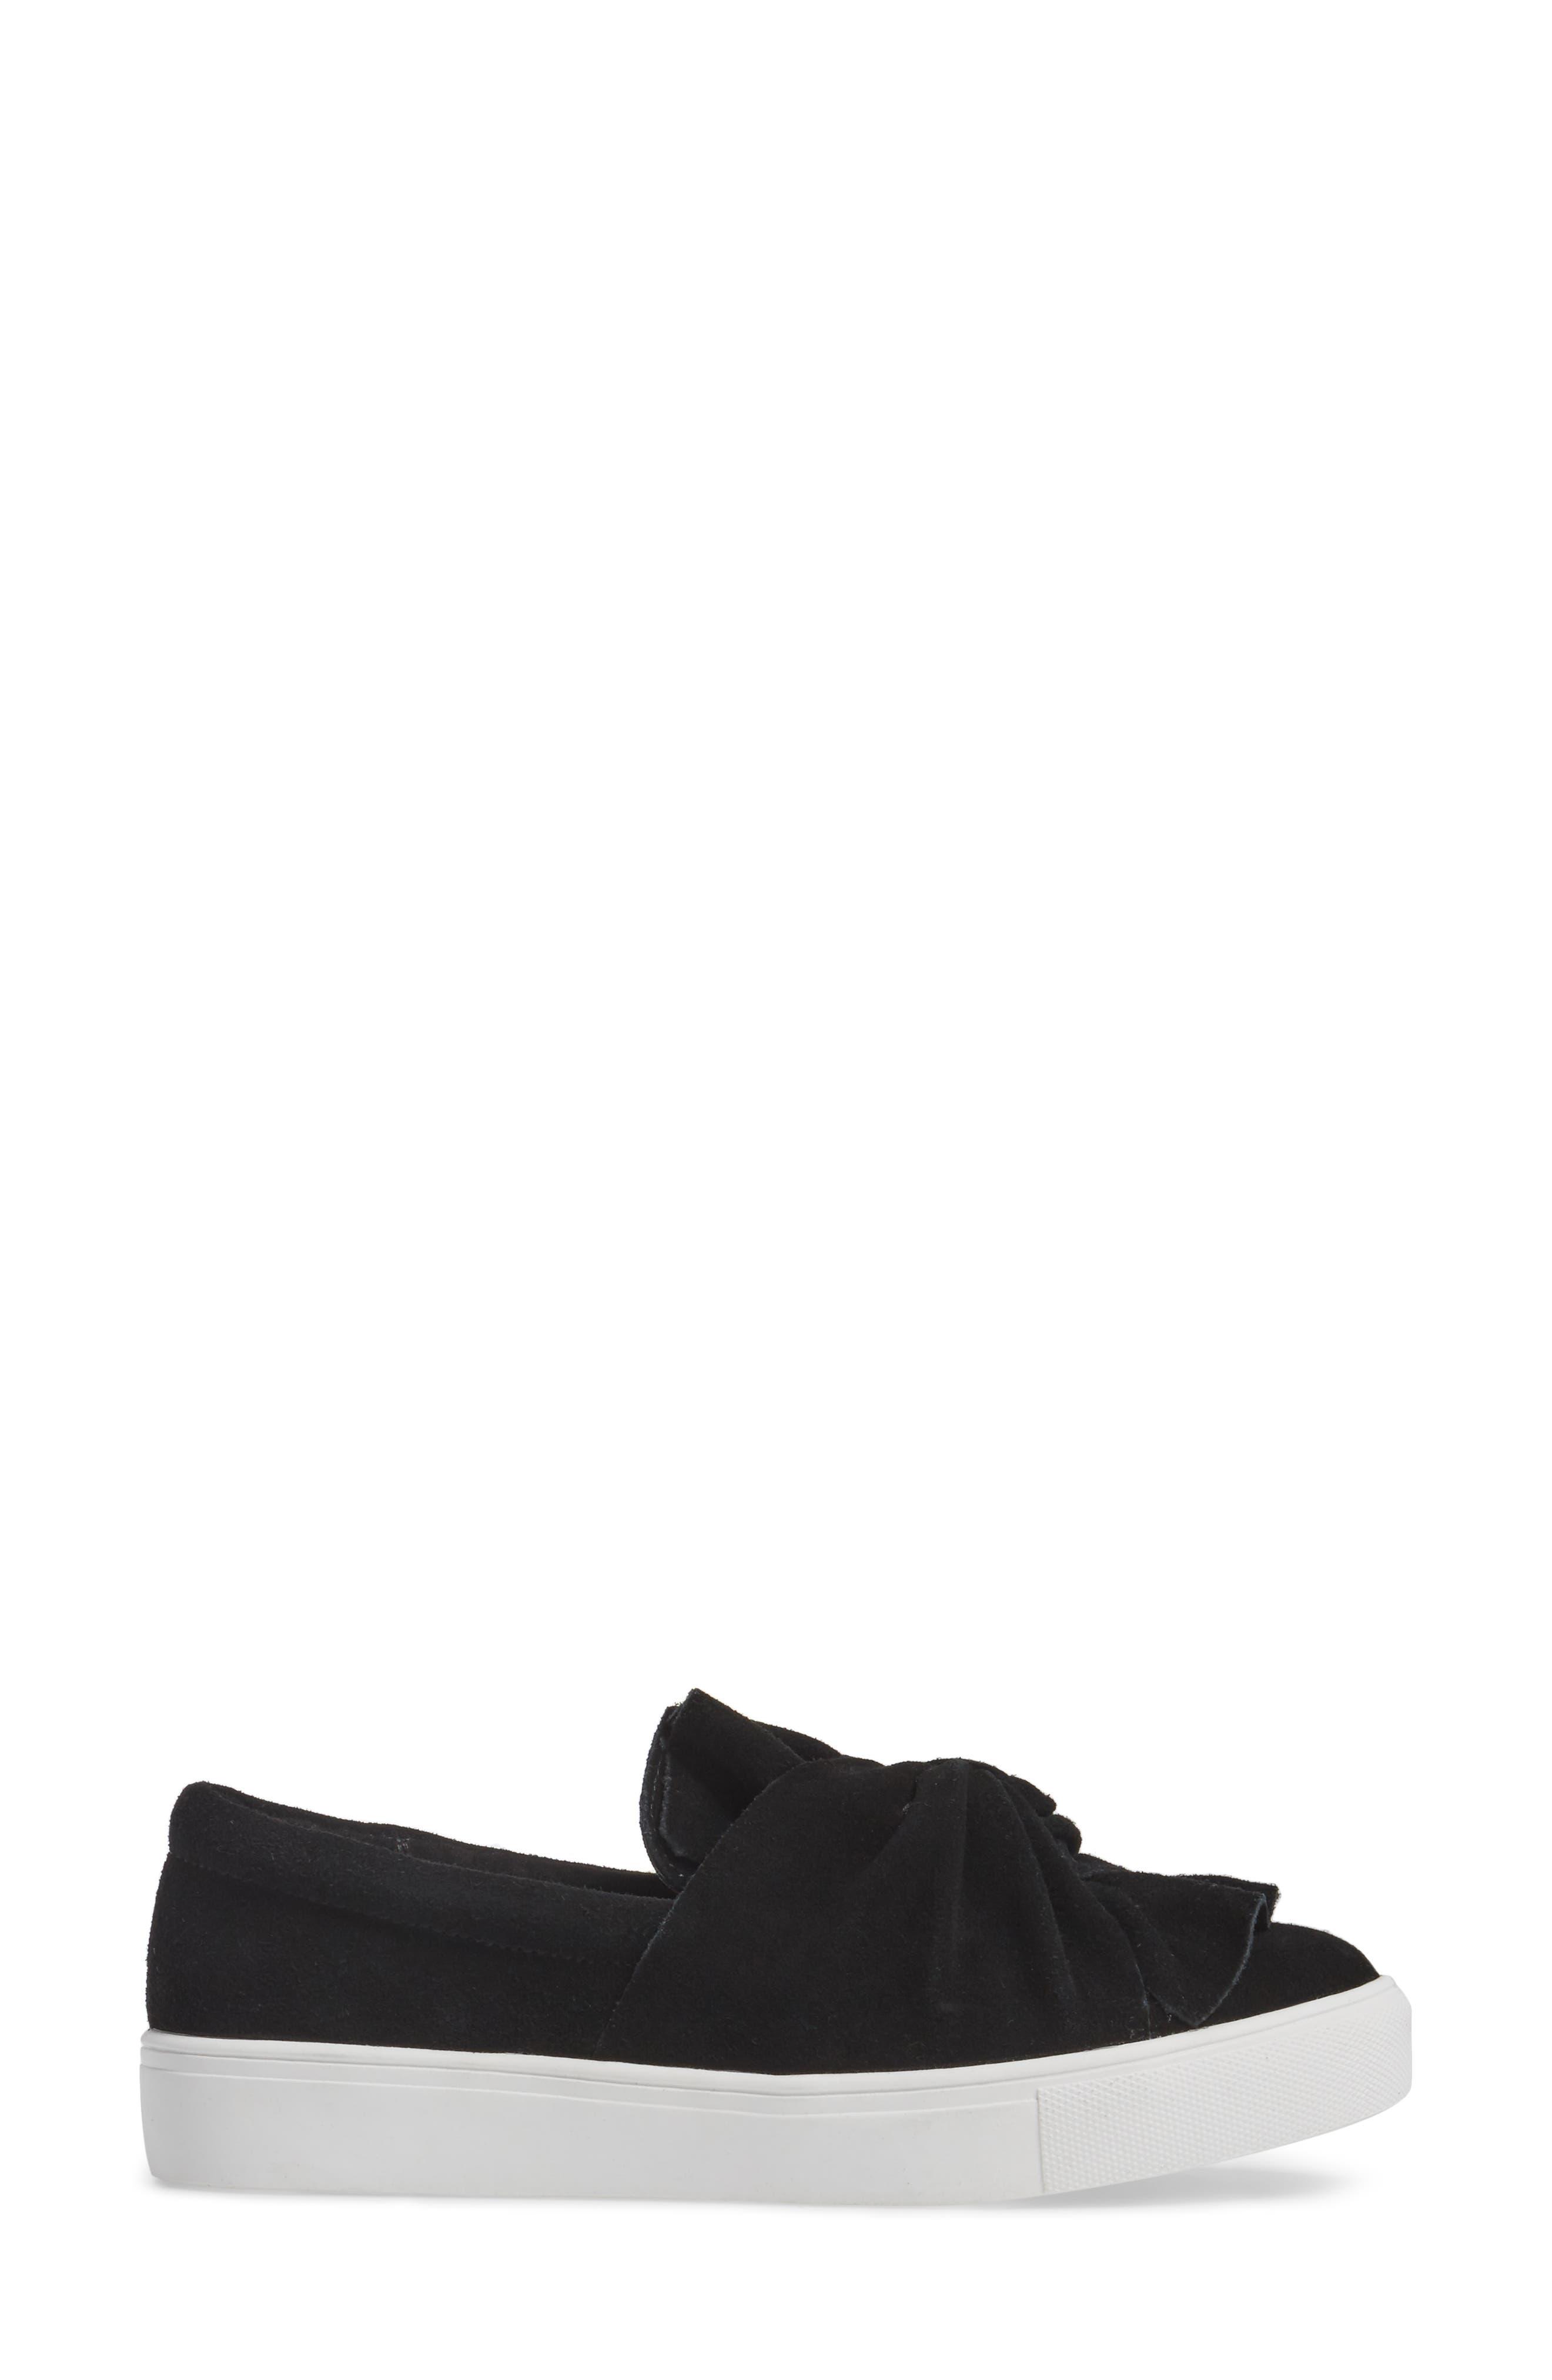 Zahara Slip-On Sneaker,                             Alternate thumbnail 3, color,                             001